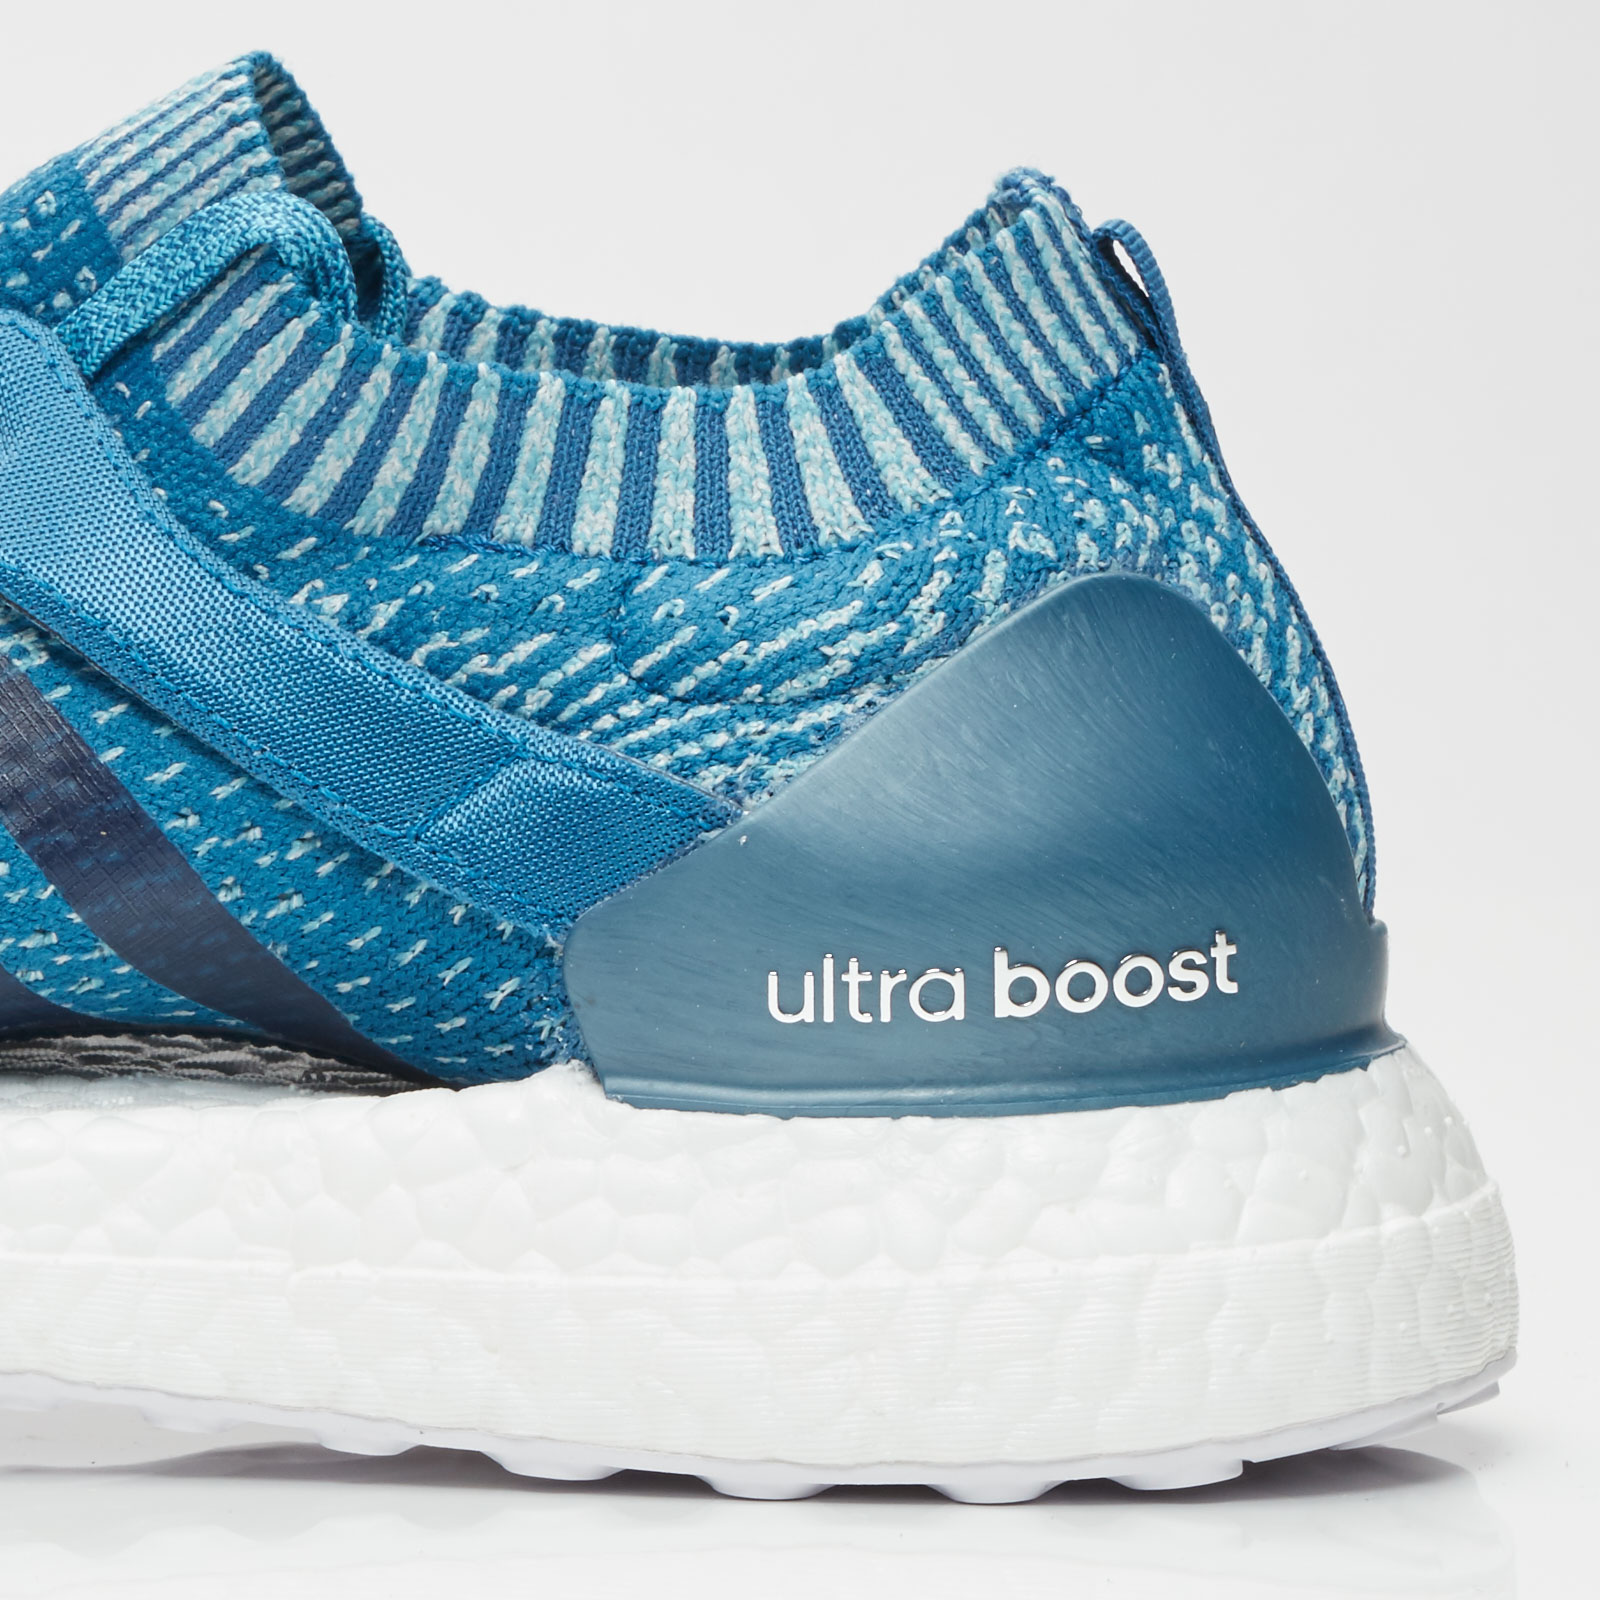 b638edd0f99b0 adidas UltraBOOST X Parley - Bb1978 - Sneakersnstuff